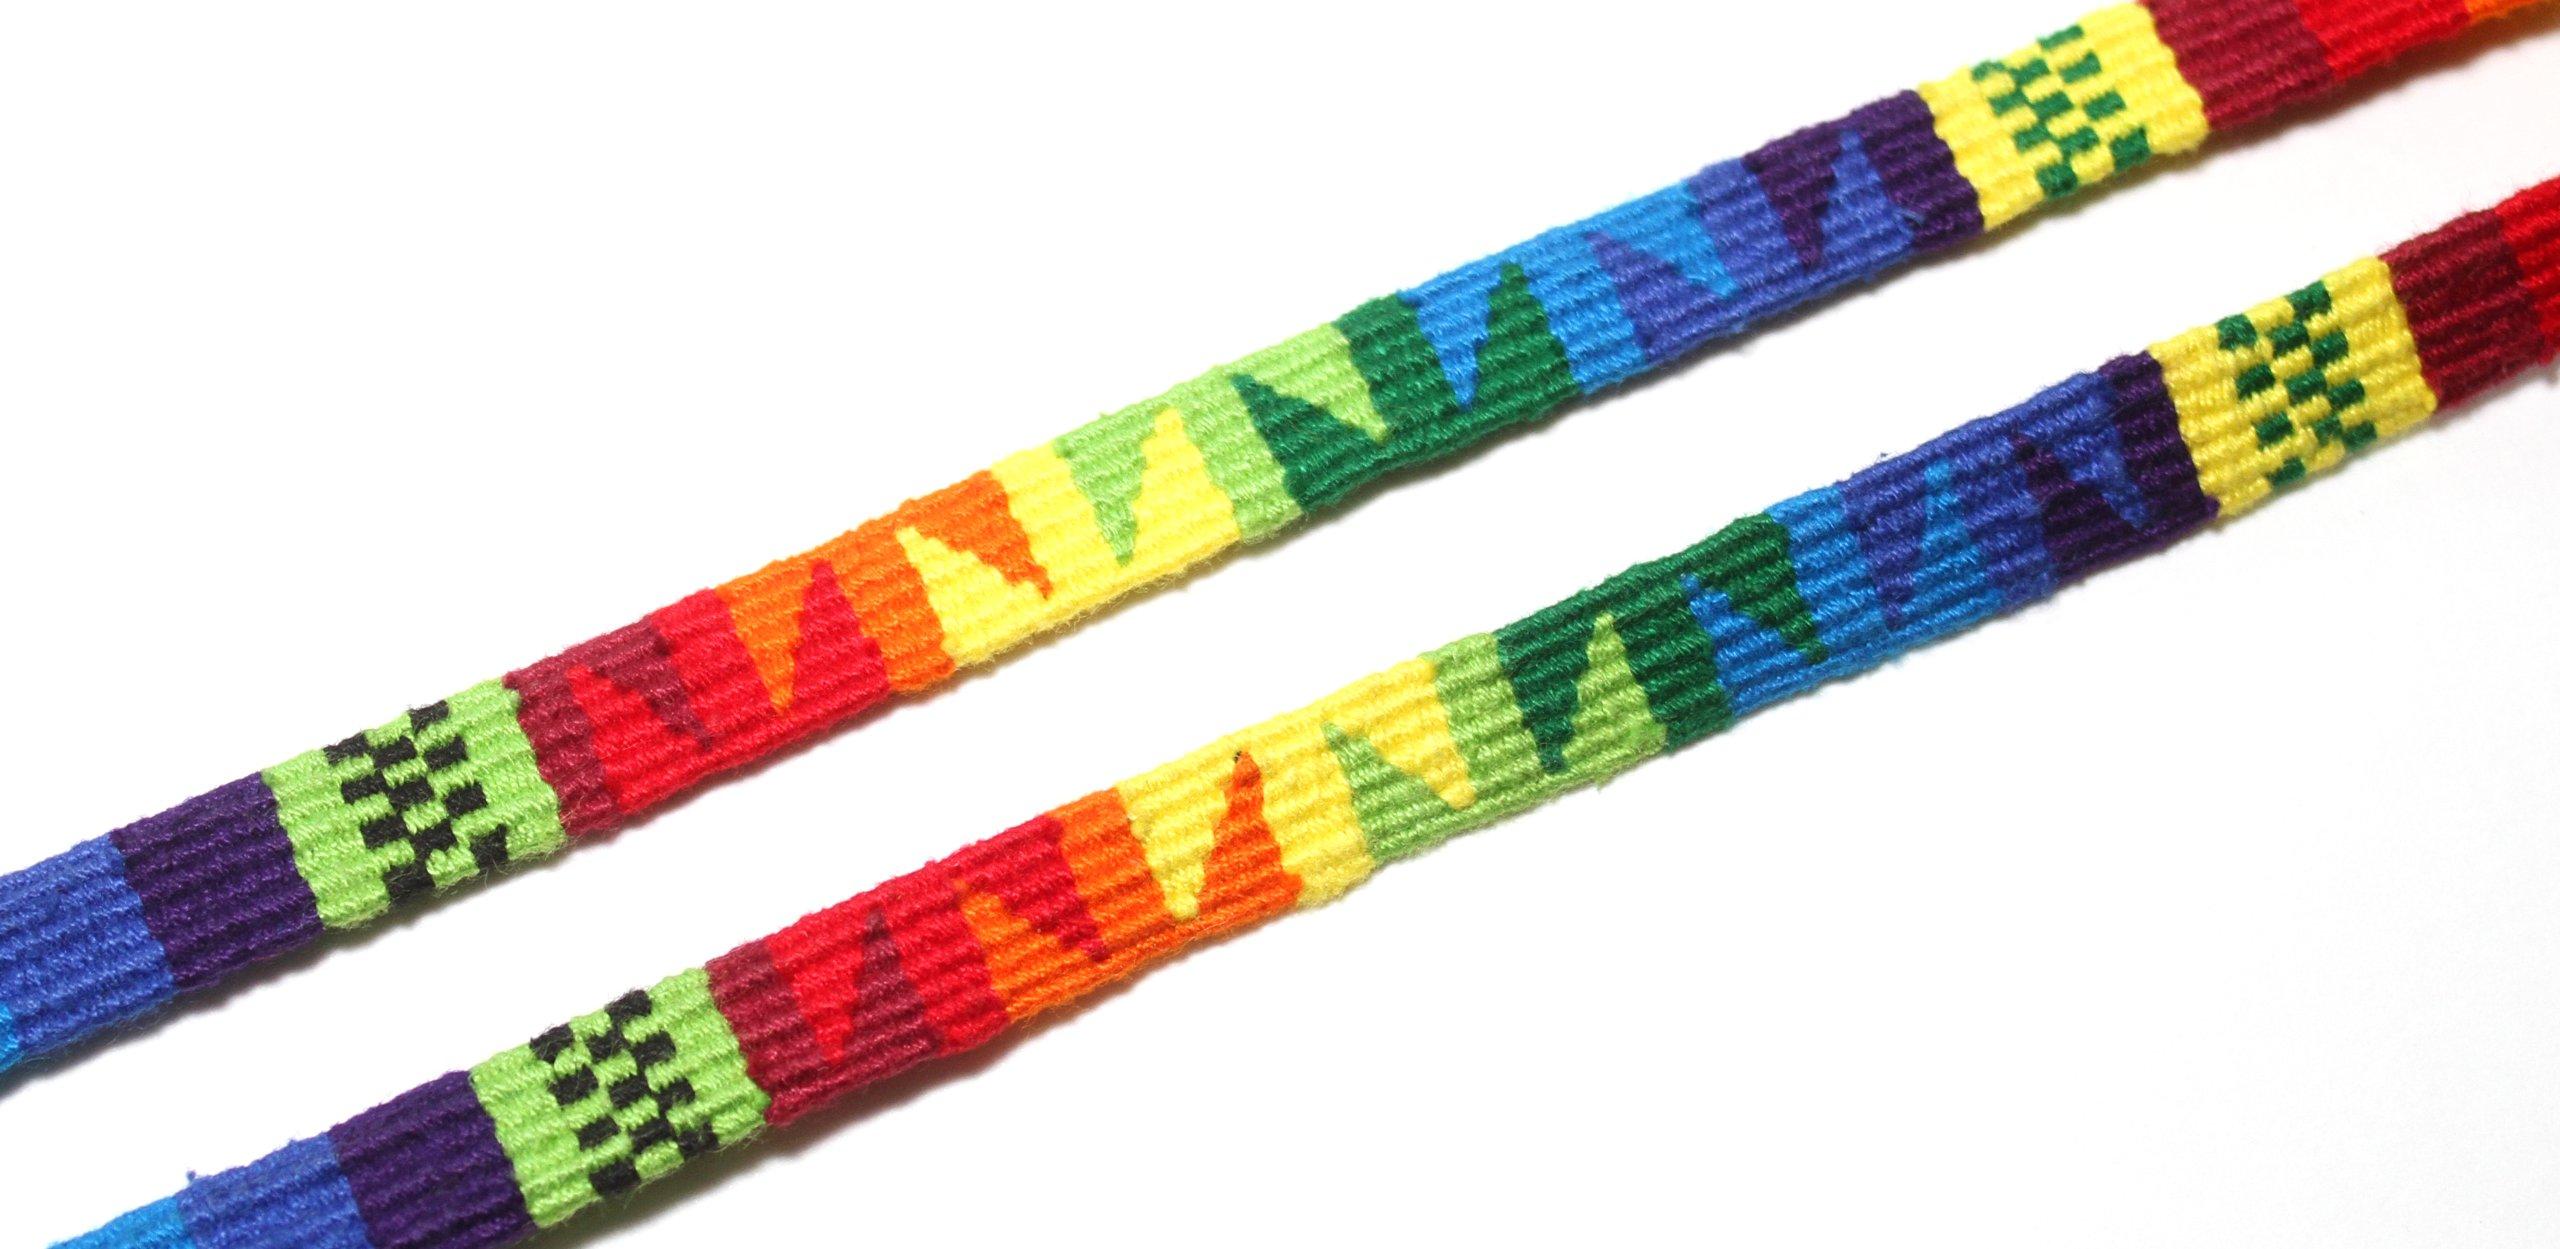 DeSuave Santa Fe Eyeglass Cord (Multi-Rainbow) by DE SUAVE